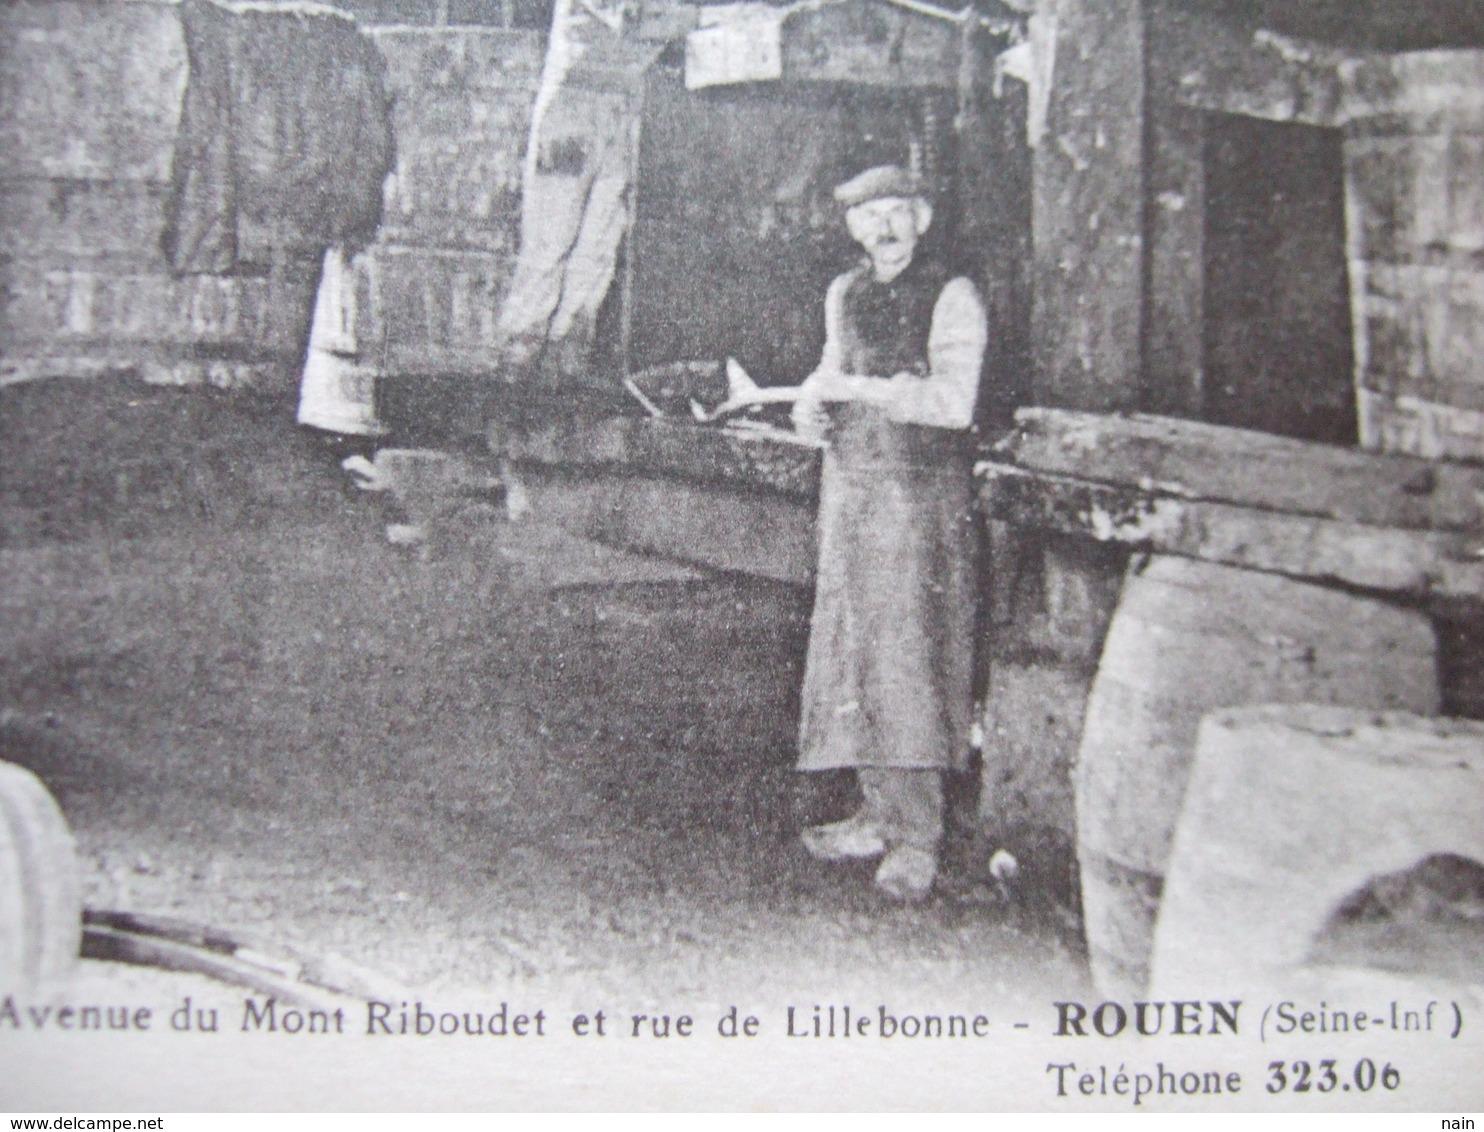 """ROUEN - """" LEON TENIERE - CIDRE, VINS SPIRITUEUX """"  /// PRESSOIR CIDRERIE /// 99 AVENUE DU MONT RIBOUDET..."""" TRES RARE """" - Rouen"""